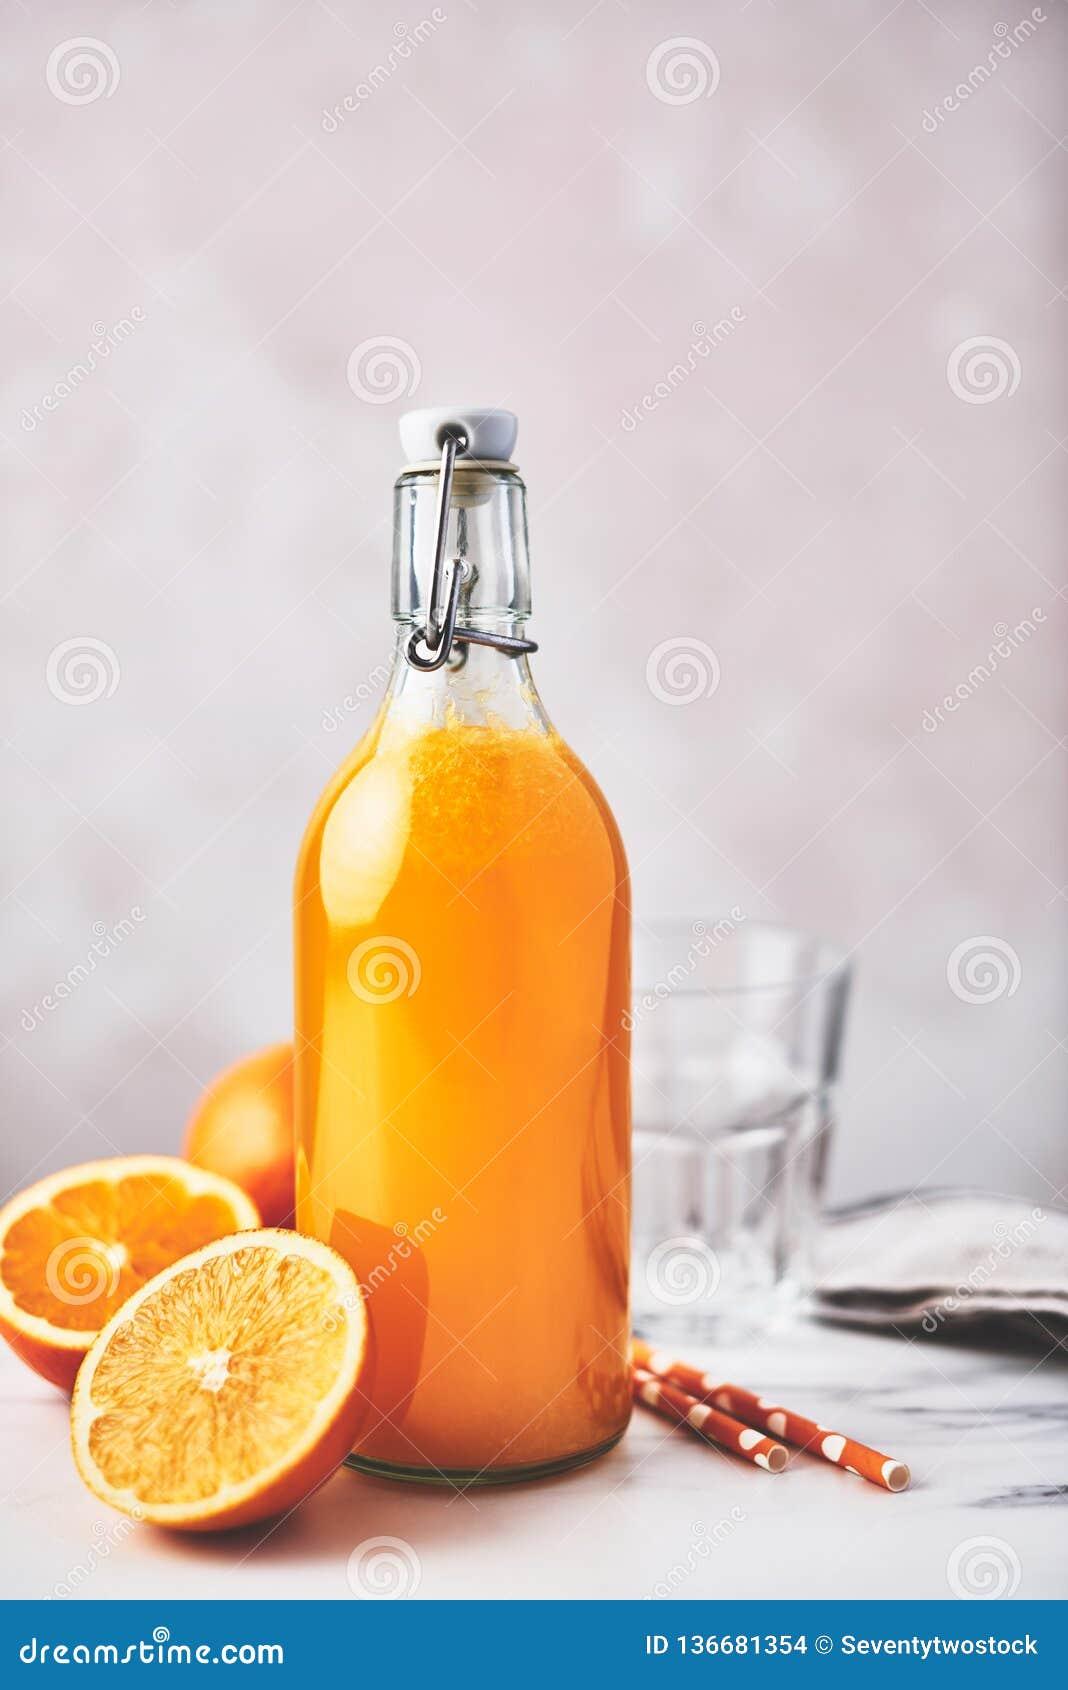 De no es zumo el sano naranja